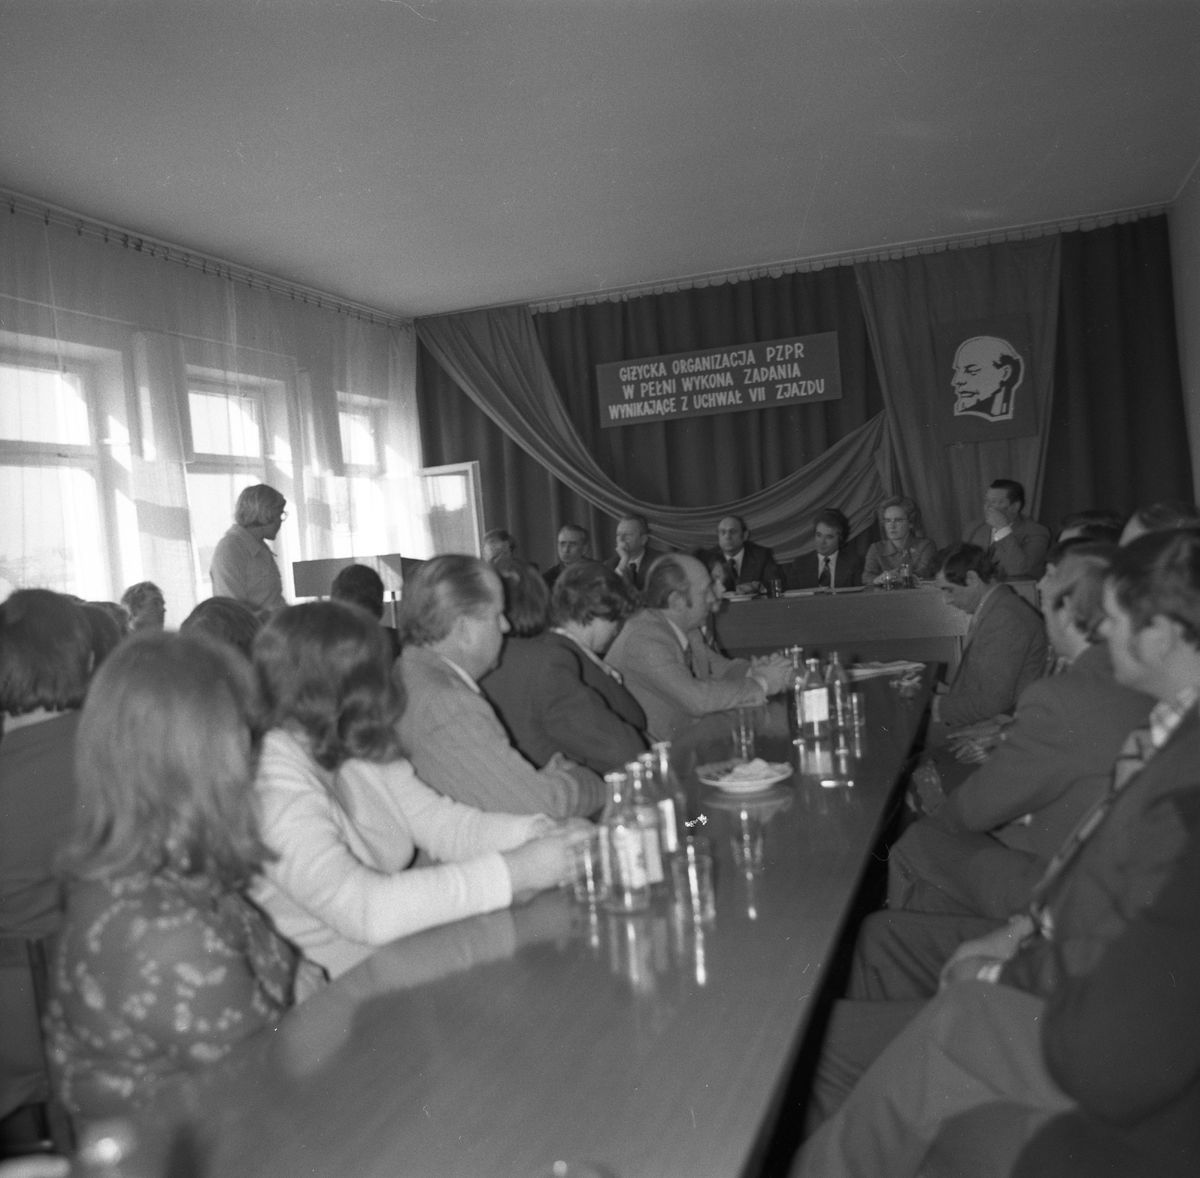 Spotkanie przed VII plenum partii [6]